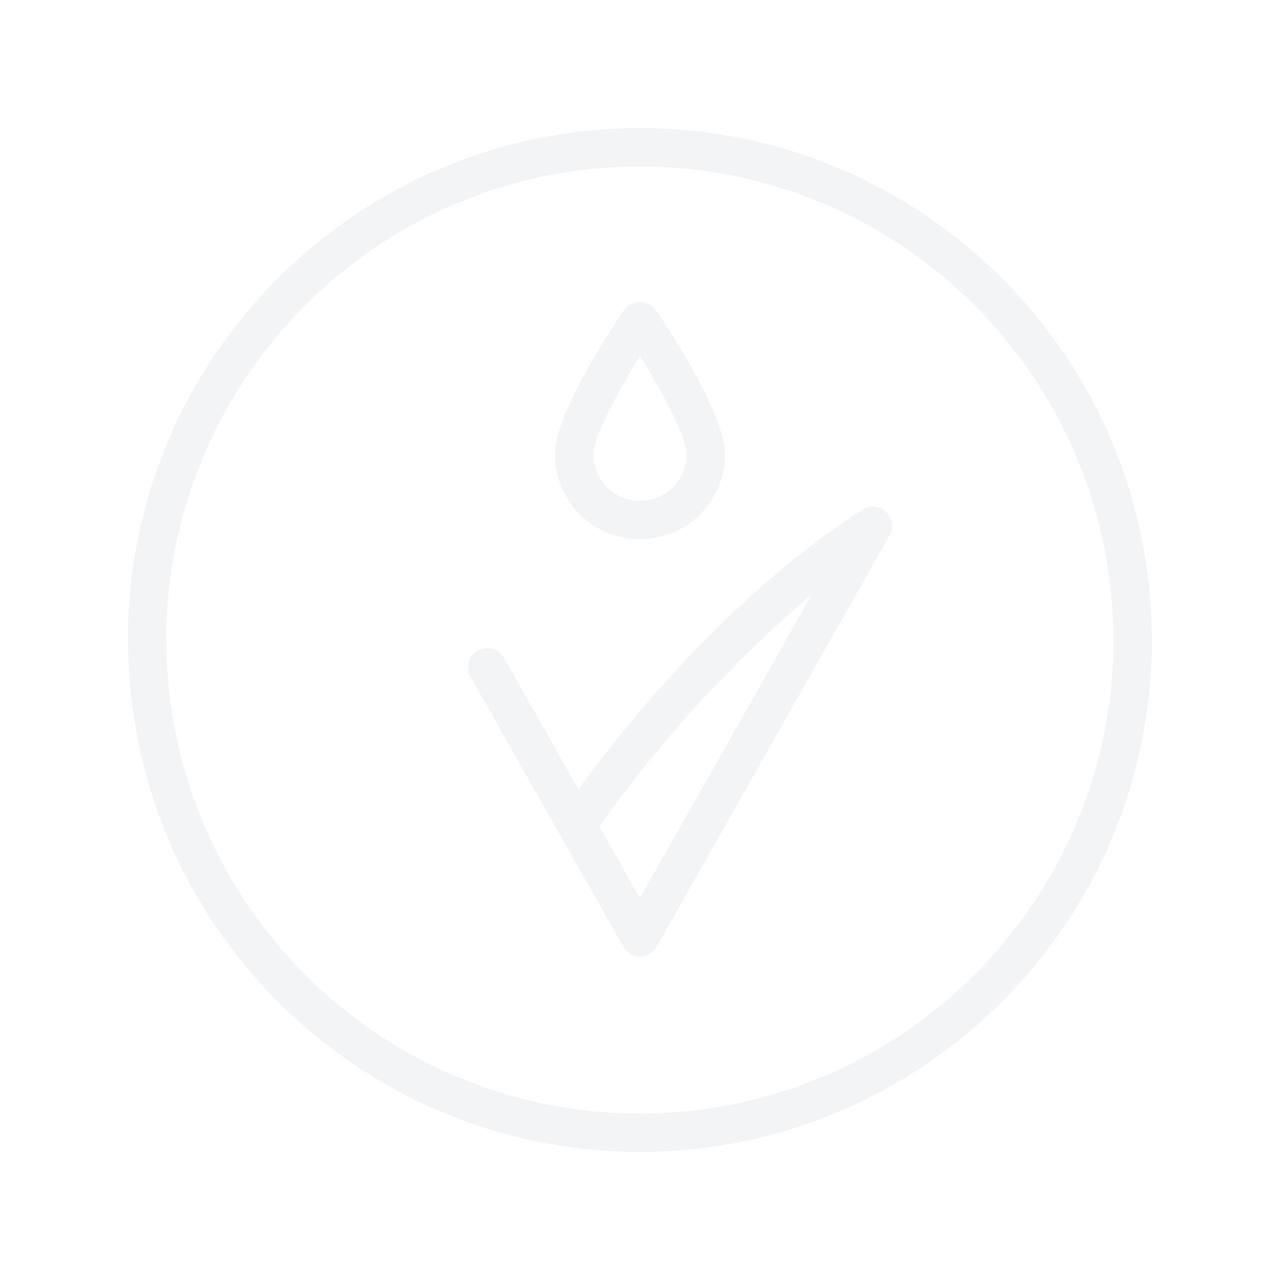 DECLEOR Hydra Floral Anti-Pollution Gel-Cream 50ml